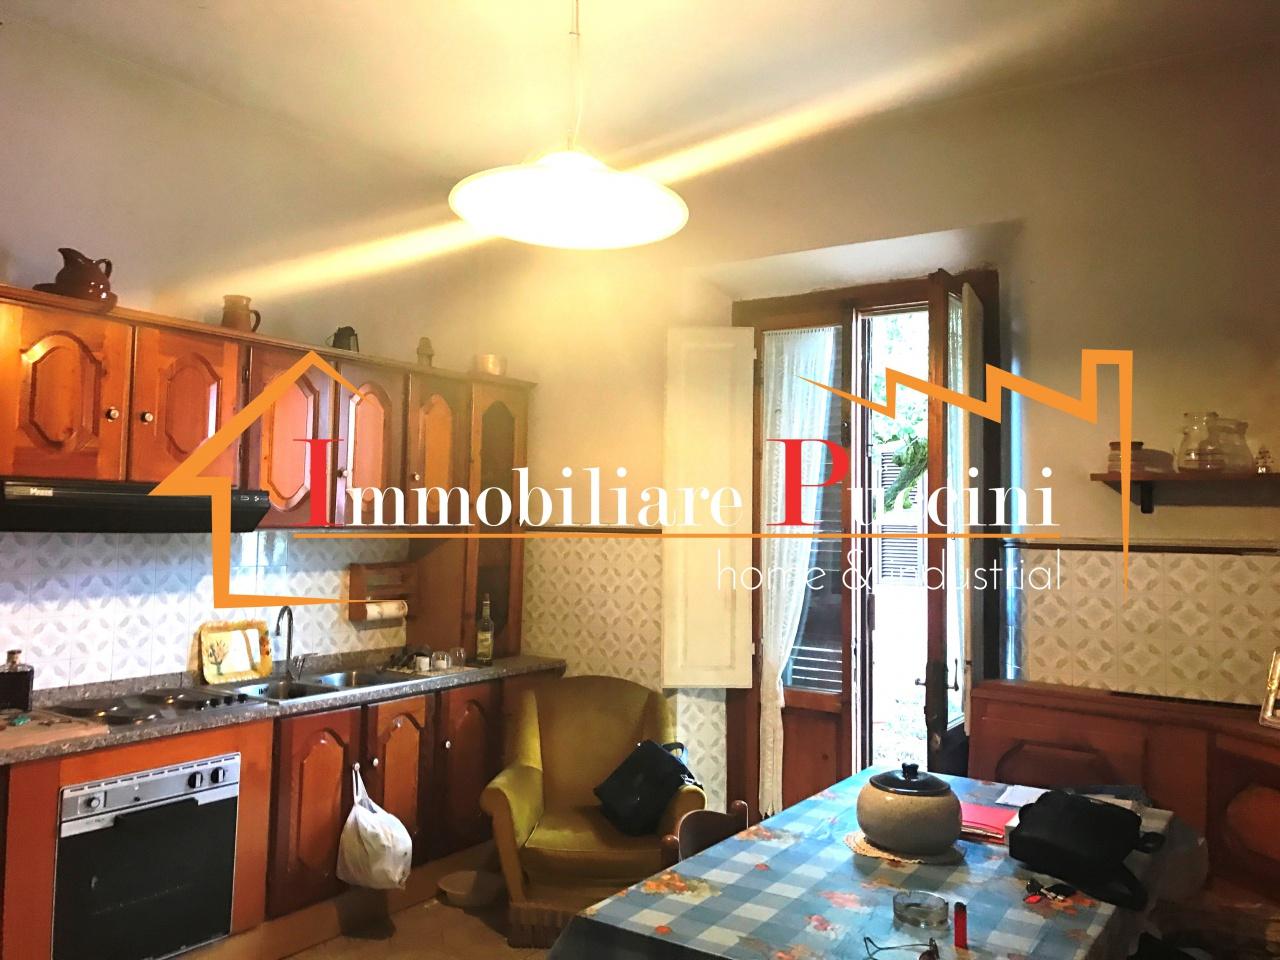 Soluzione Indipendente in vendita a Calenzano, 5 locali, prezzo € 465.000 | CambioCasa.it